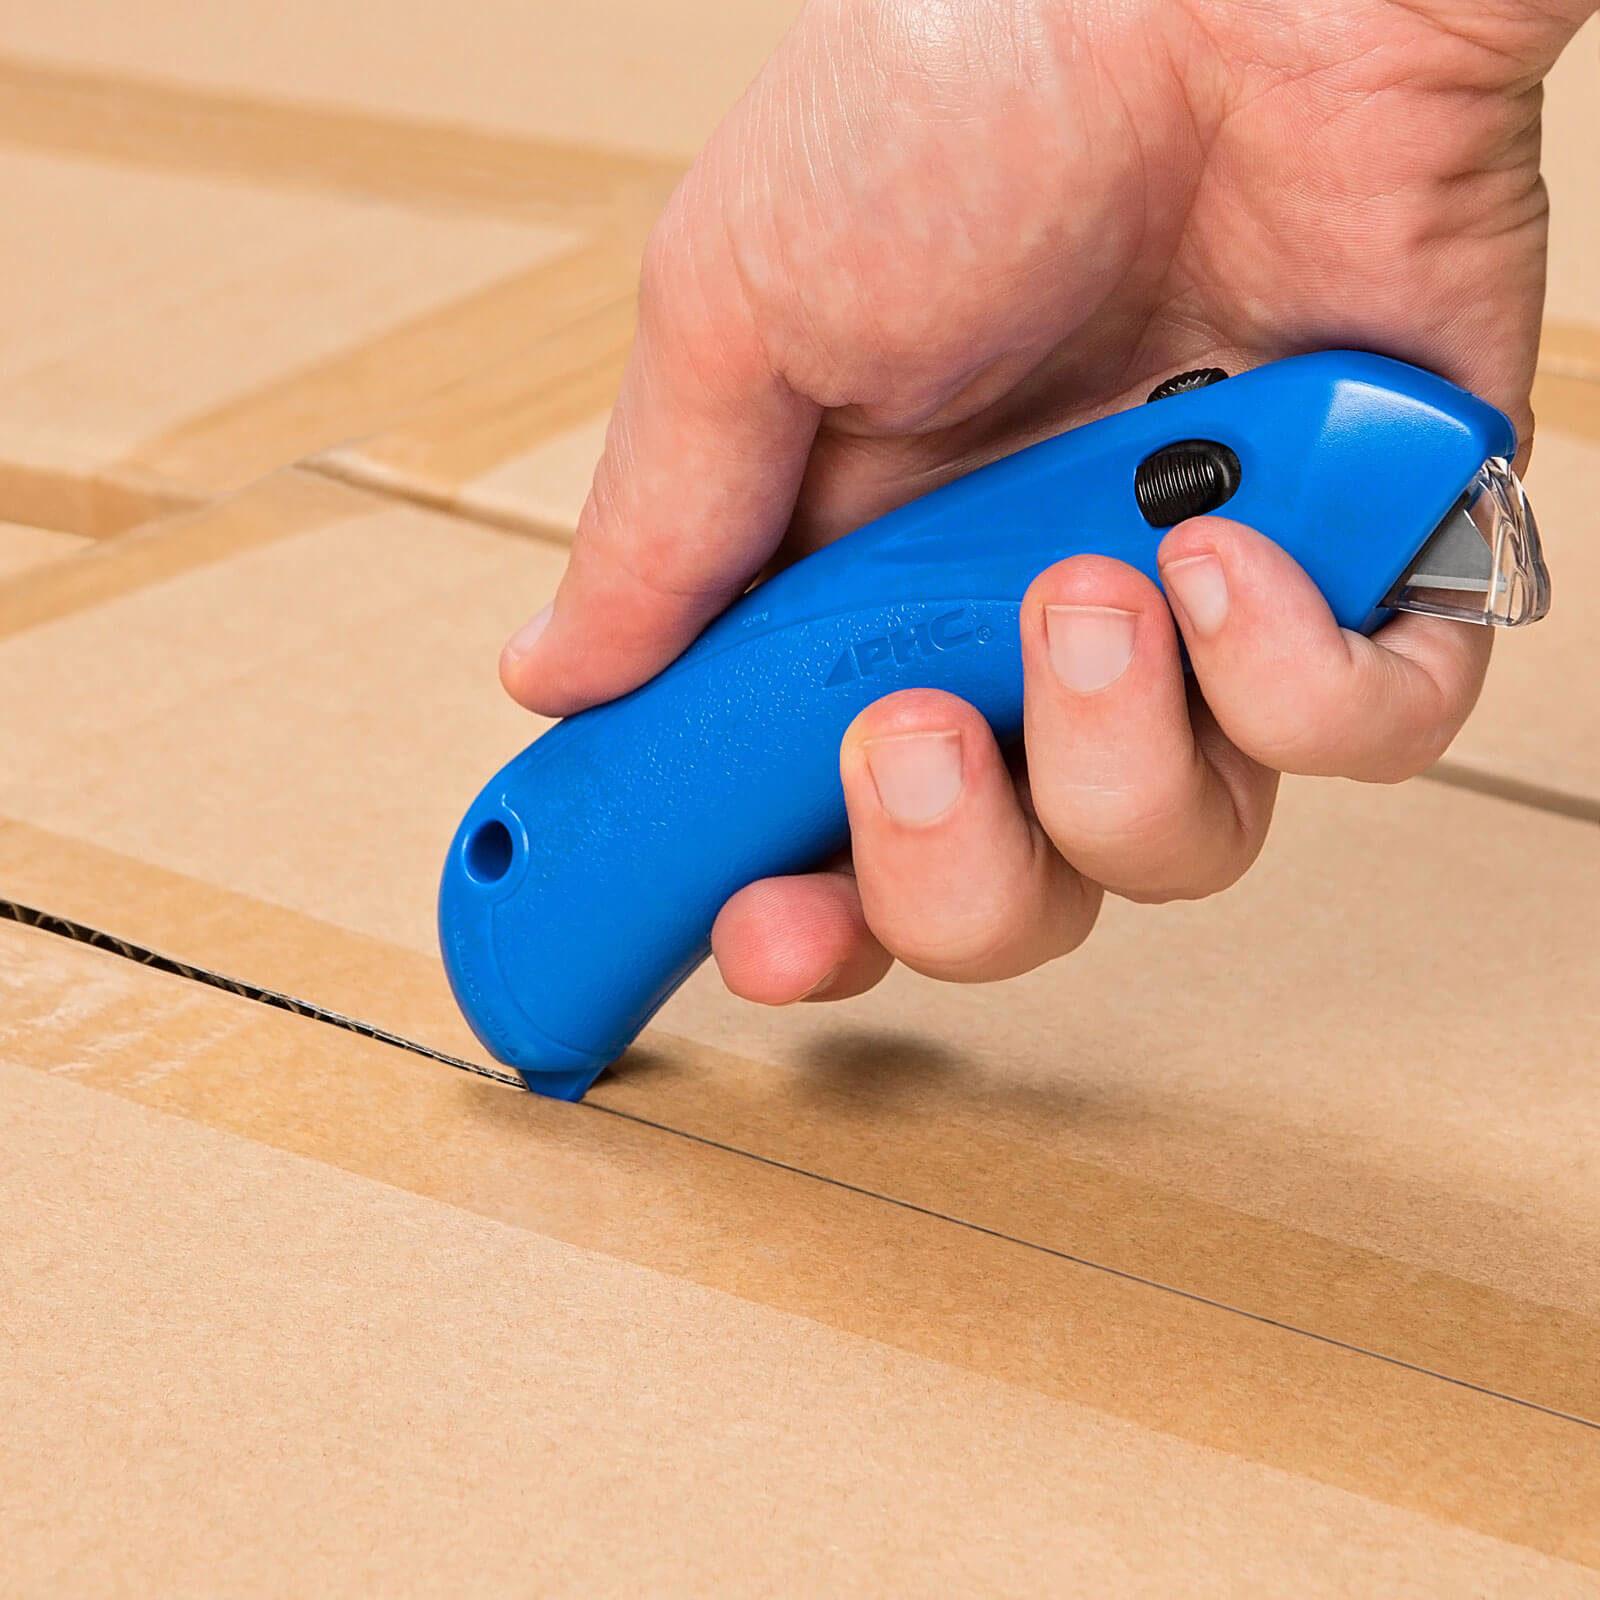 U031-Sicherheitsmesser-extra-sicher-Basic-Hood-einweg-PHC-RSC-432-Blau-Klebebandritzer-CURT-tools_1600